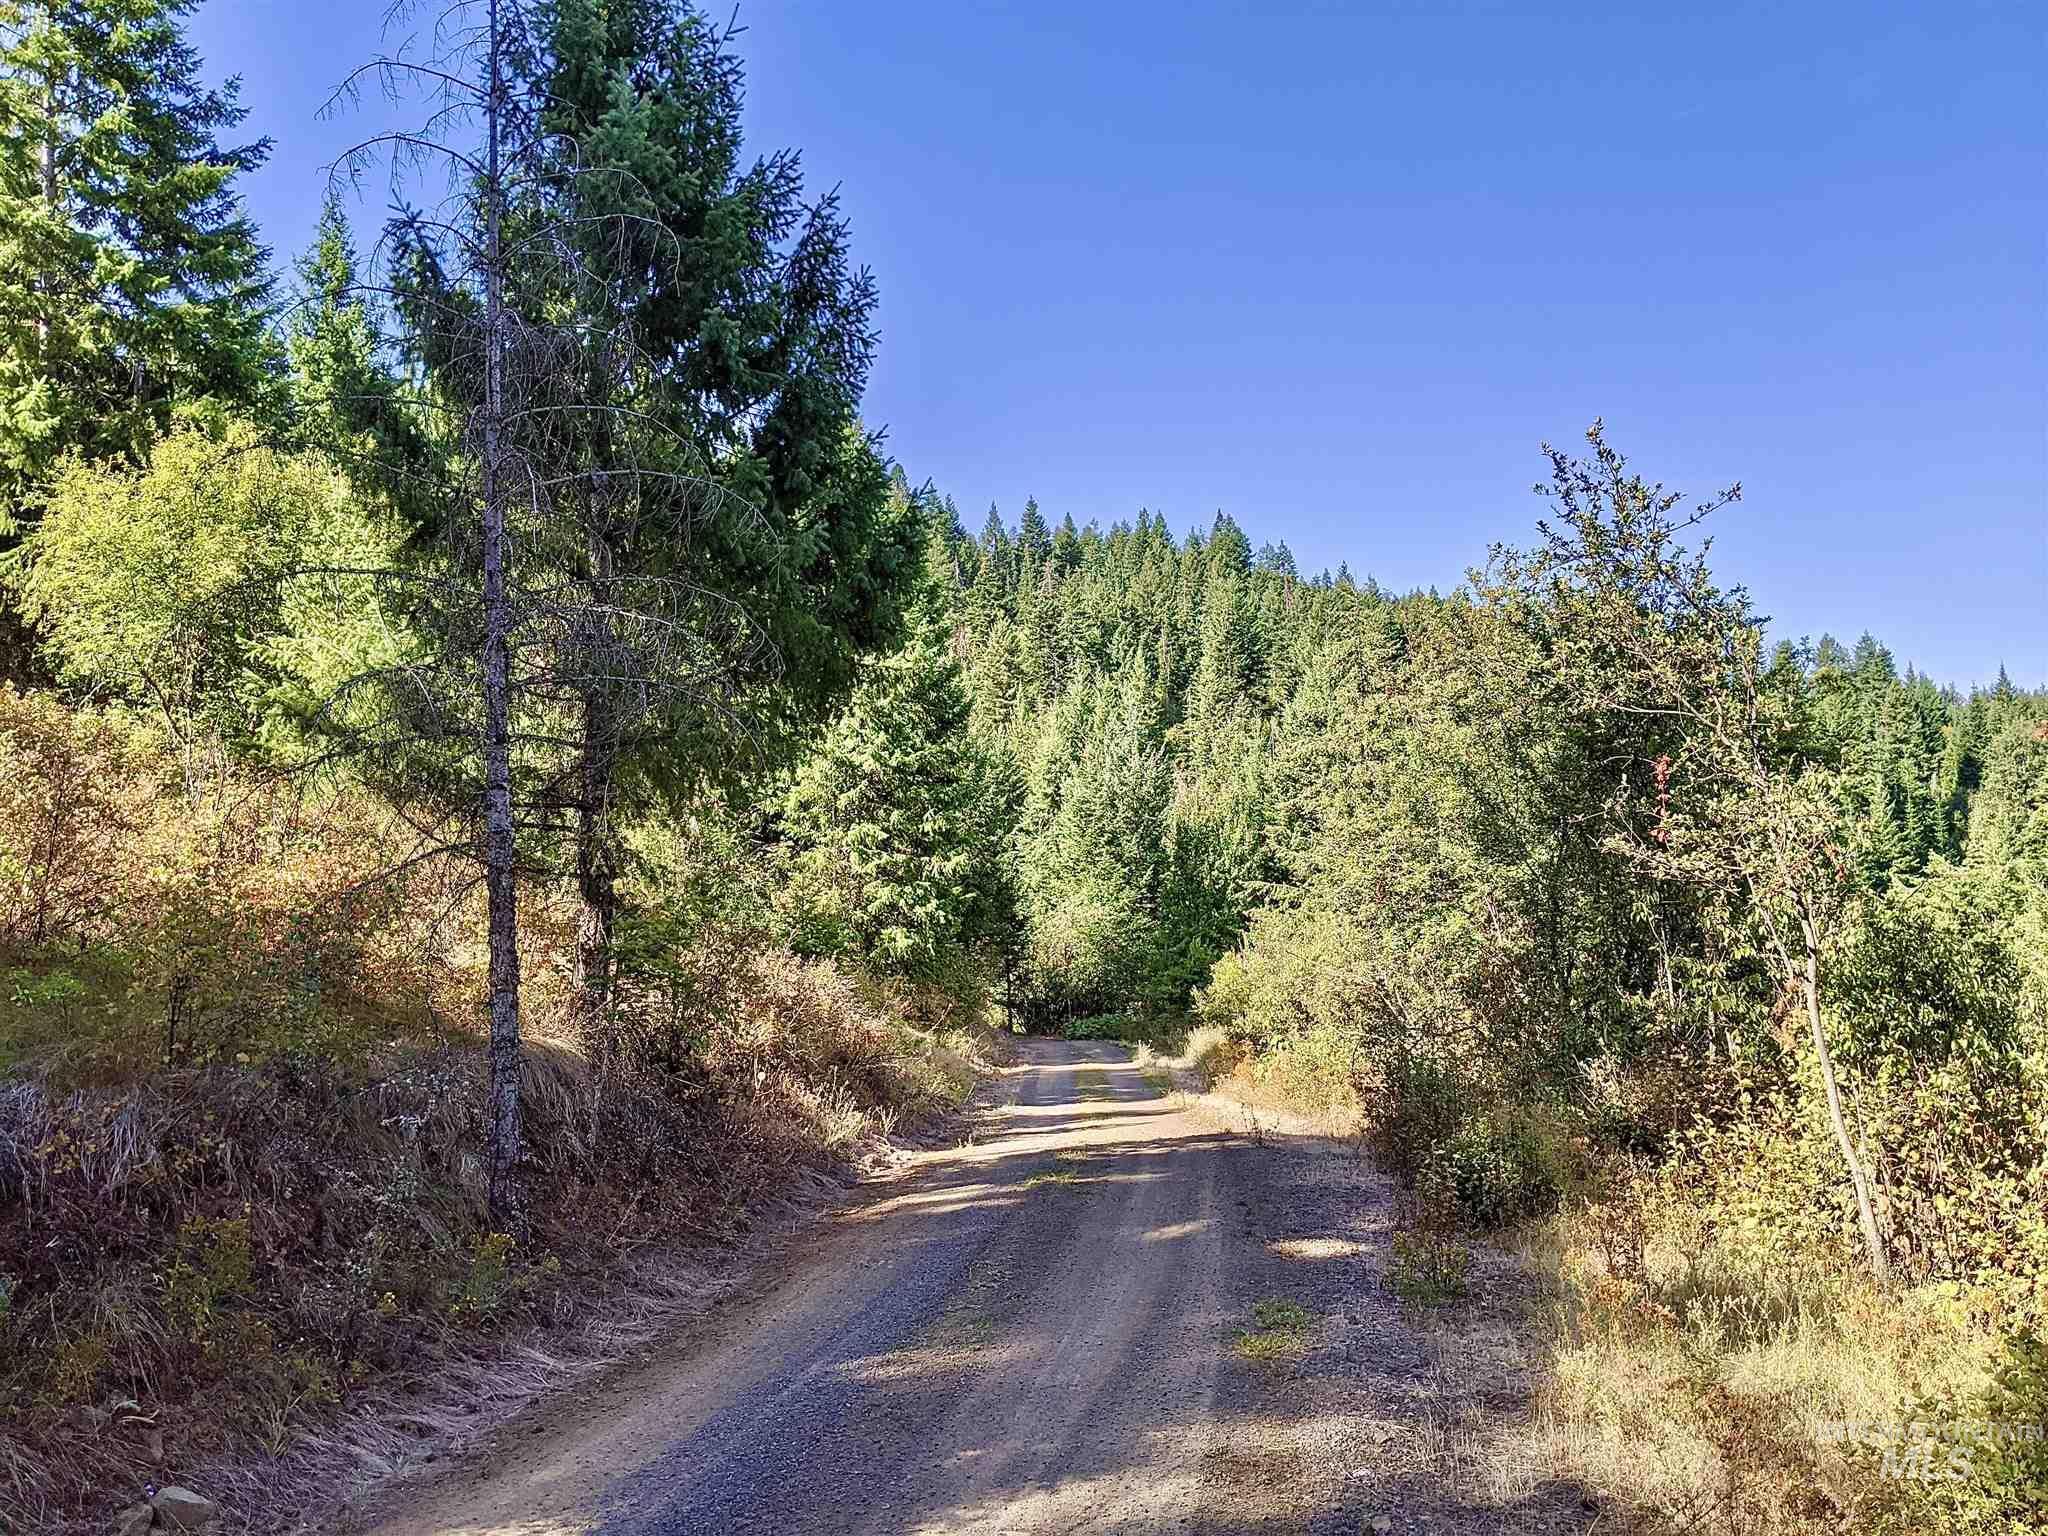 Tbd Sun Mt. Rd. Parcel 1 Property Photo